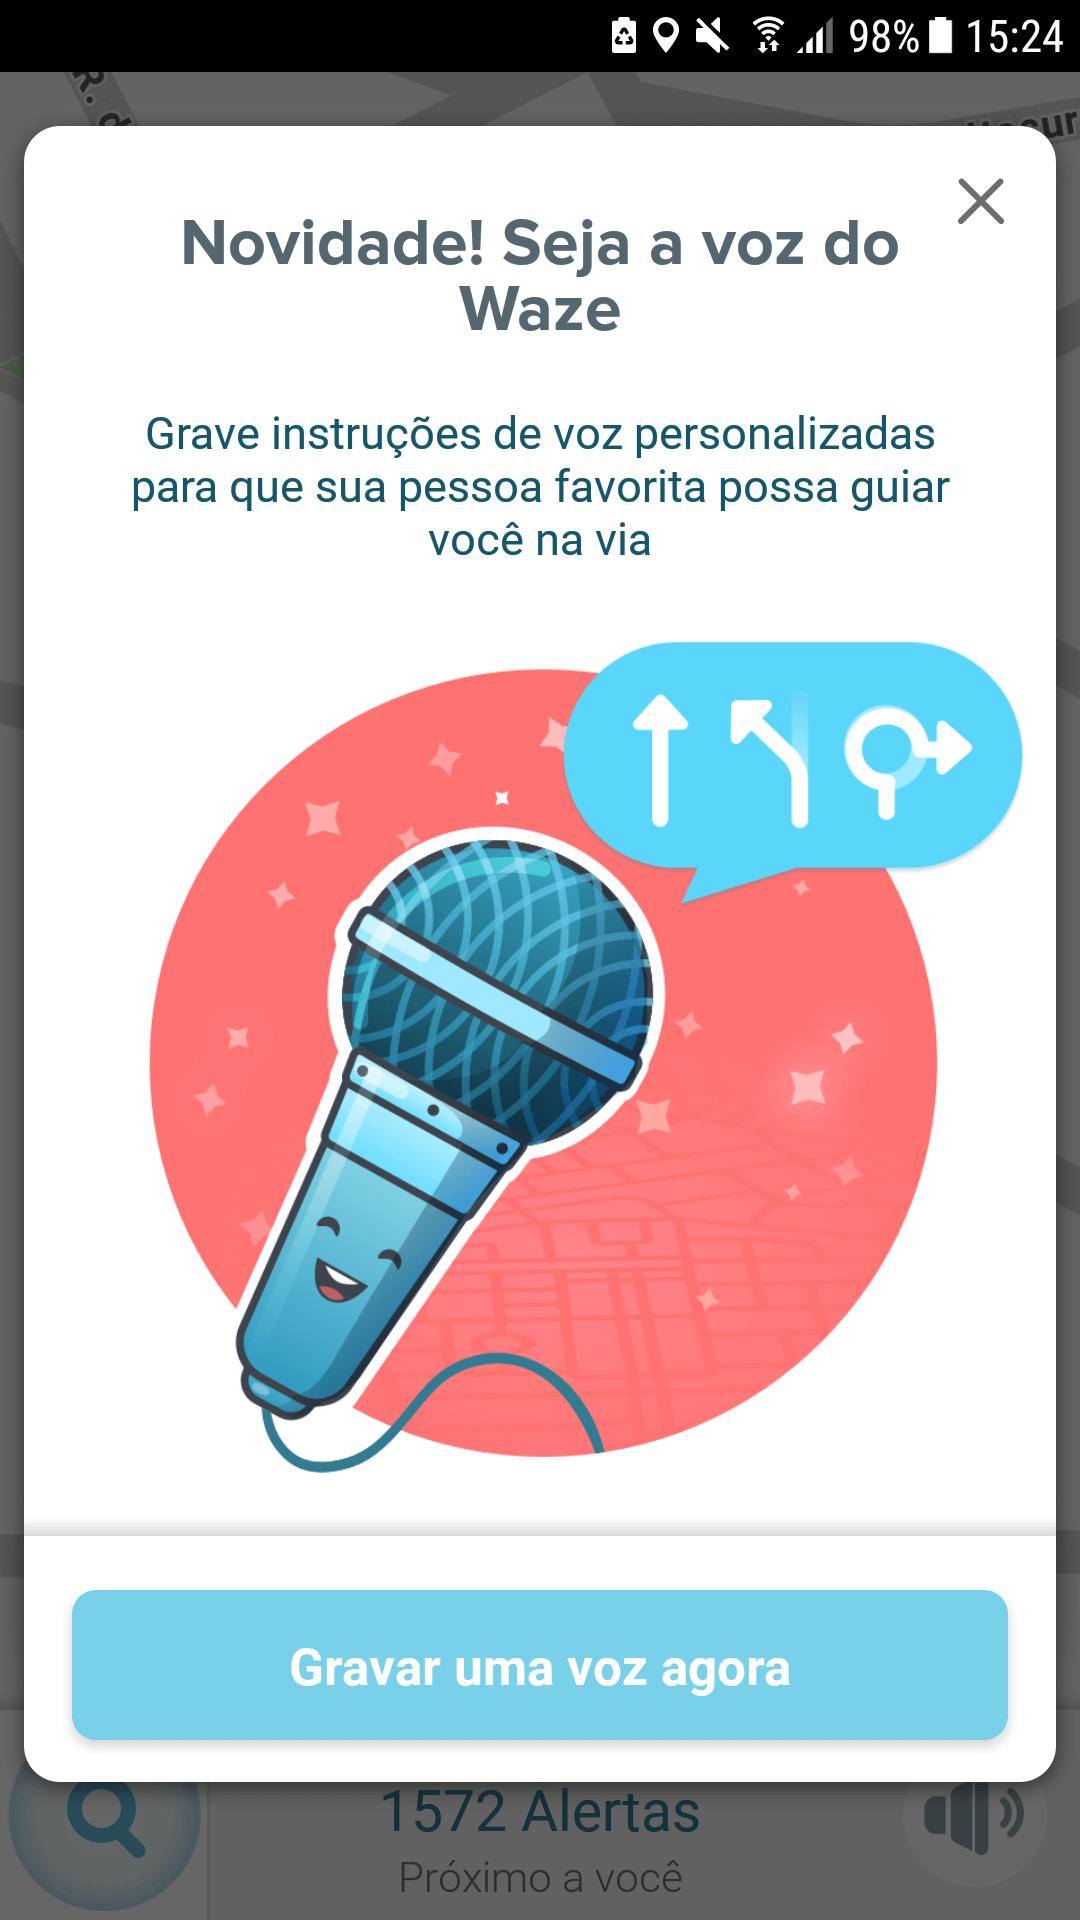 waze-gravacao-voz.png